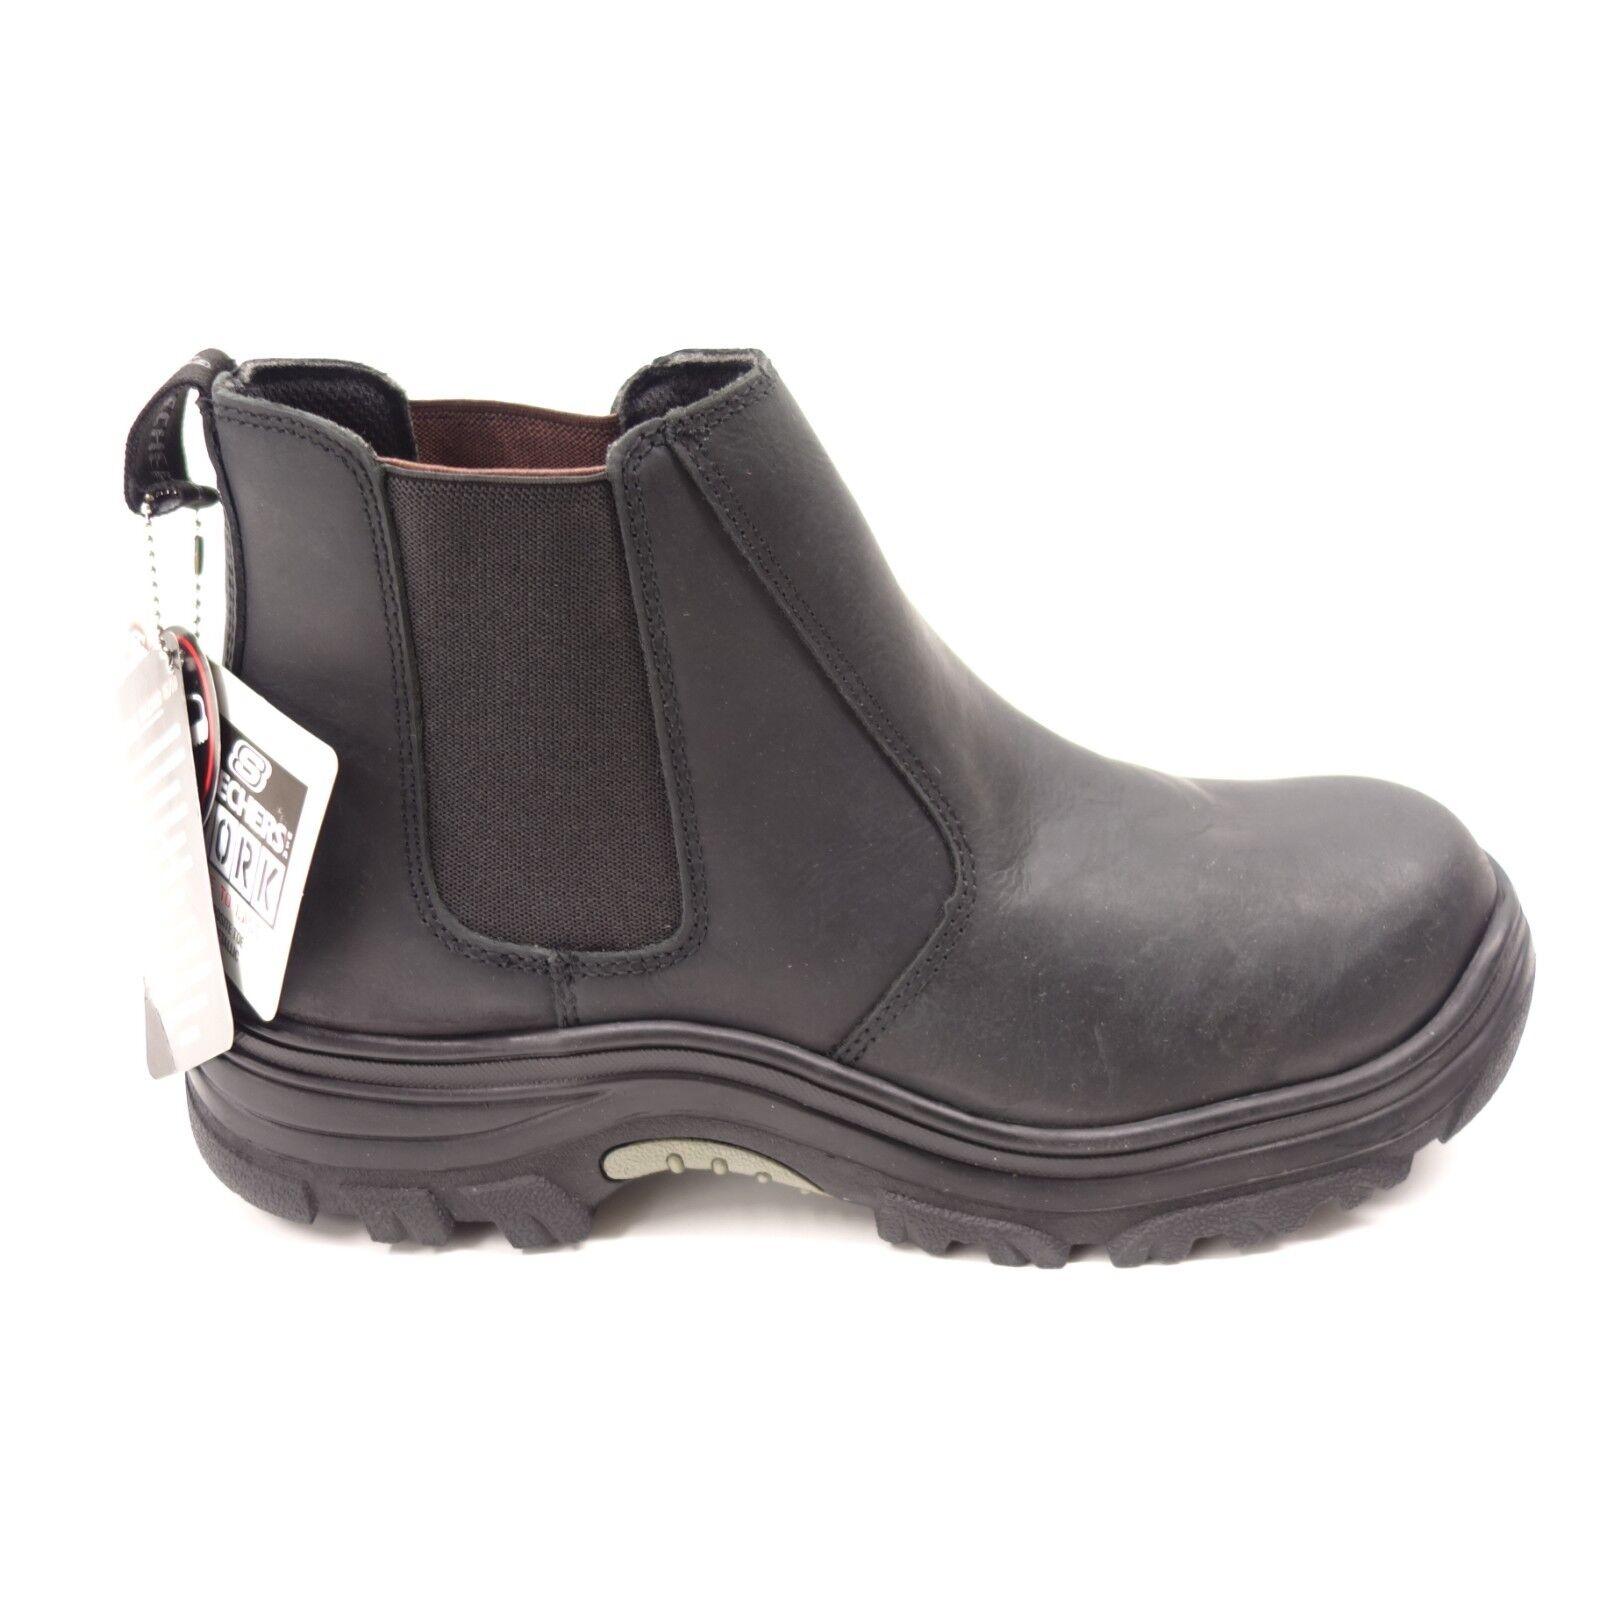 Nuevo Skechers Hombre Burgin Glennert Compás Punta Cuero Negro botas de Trabajo